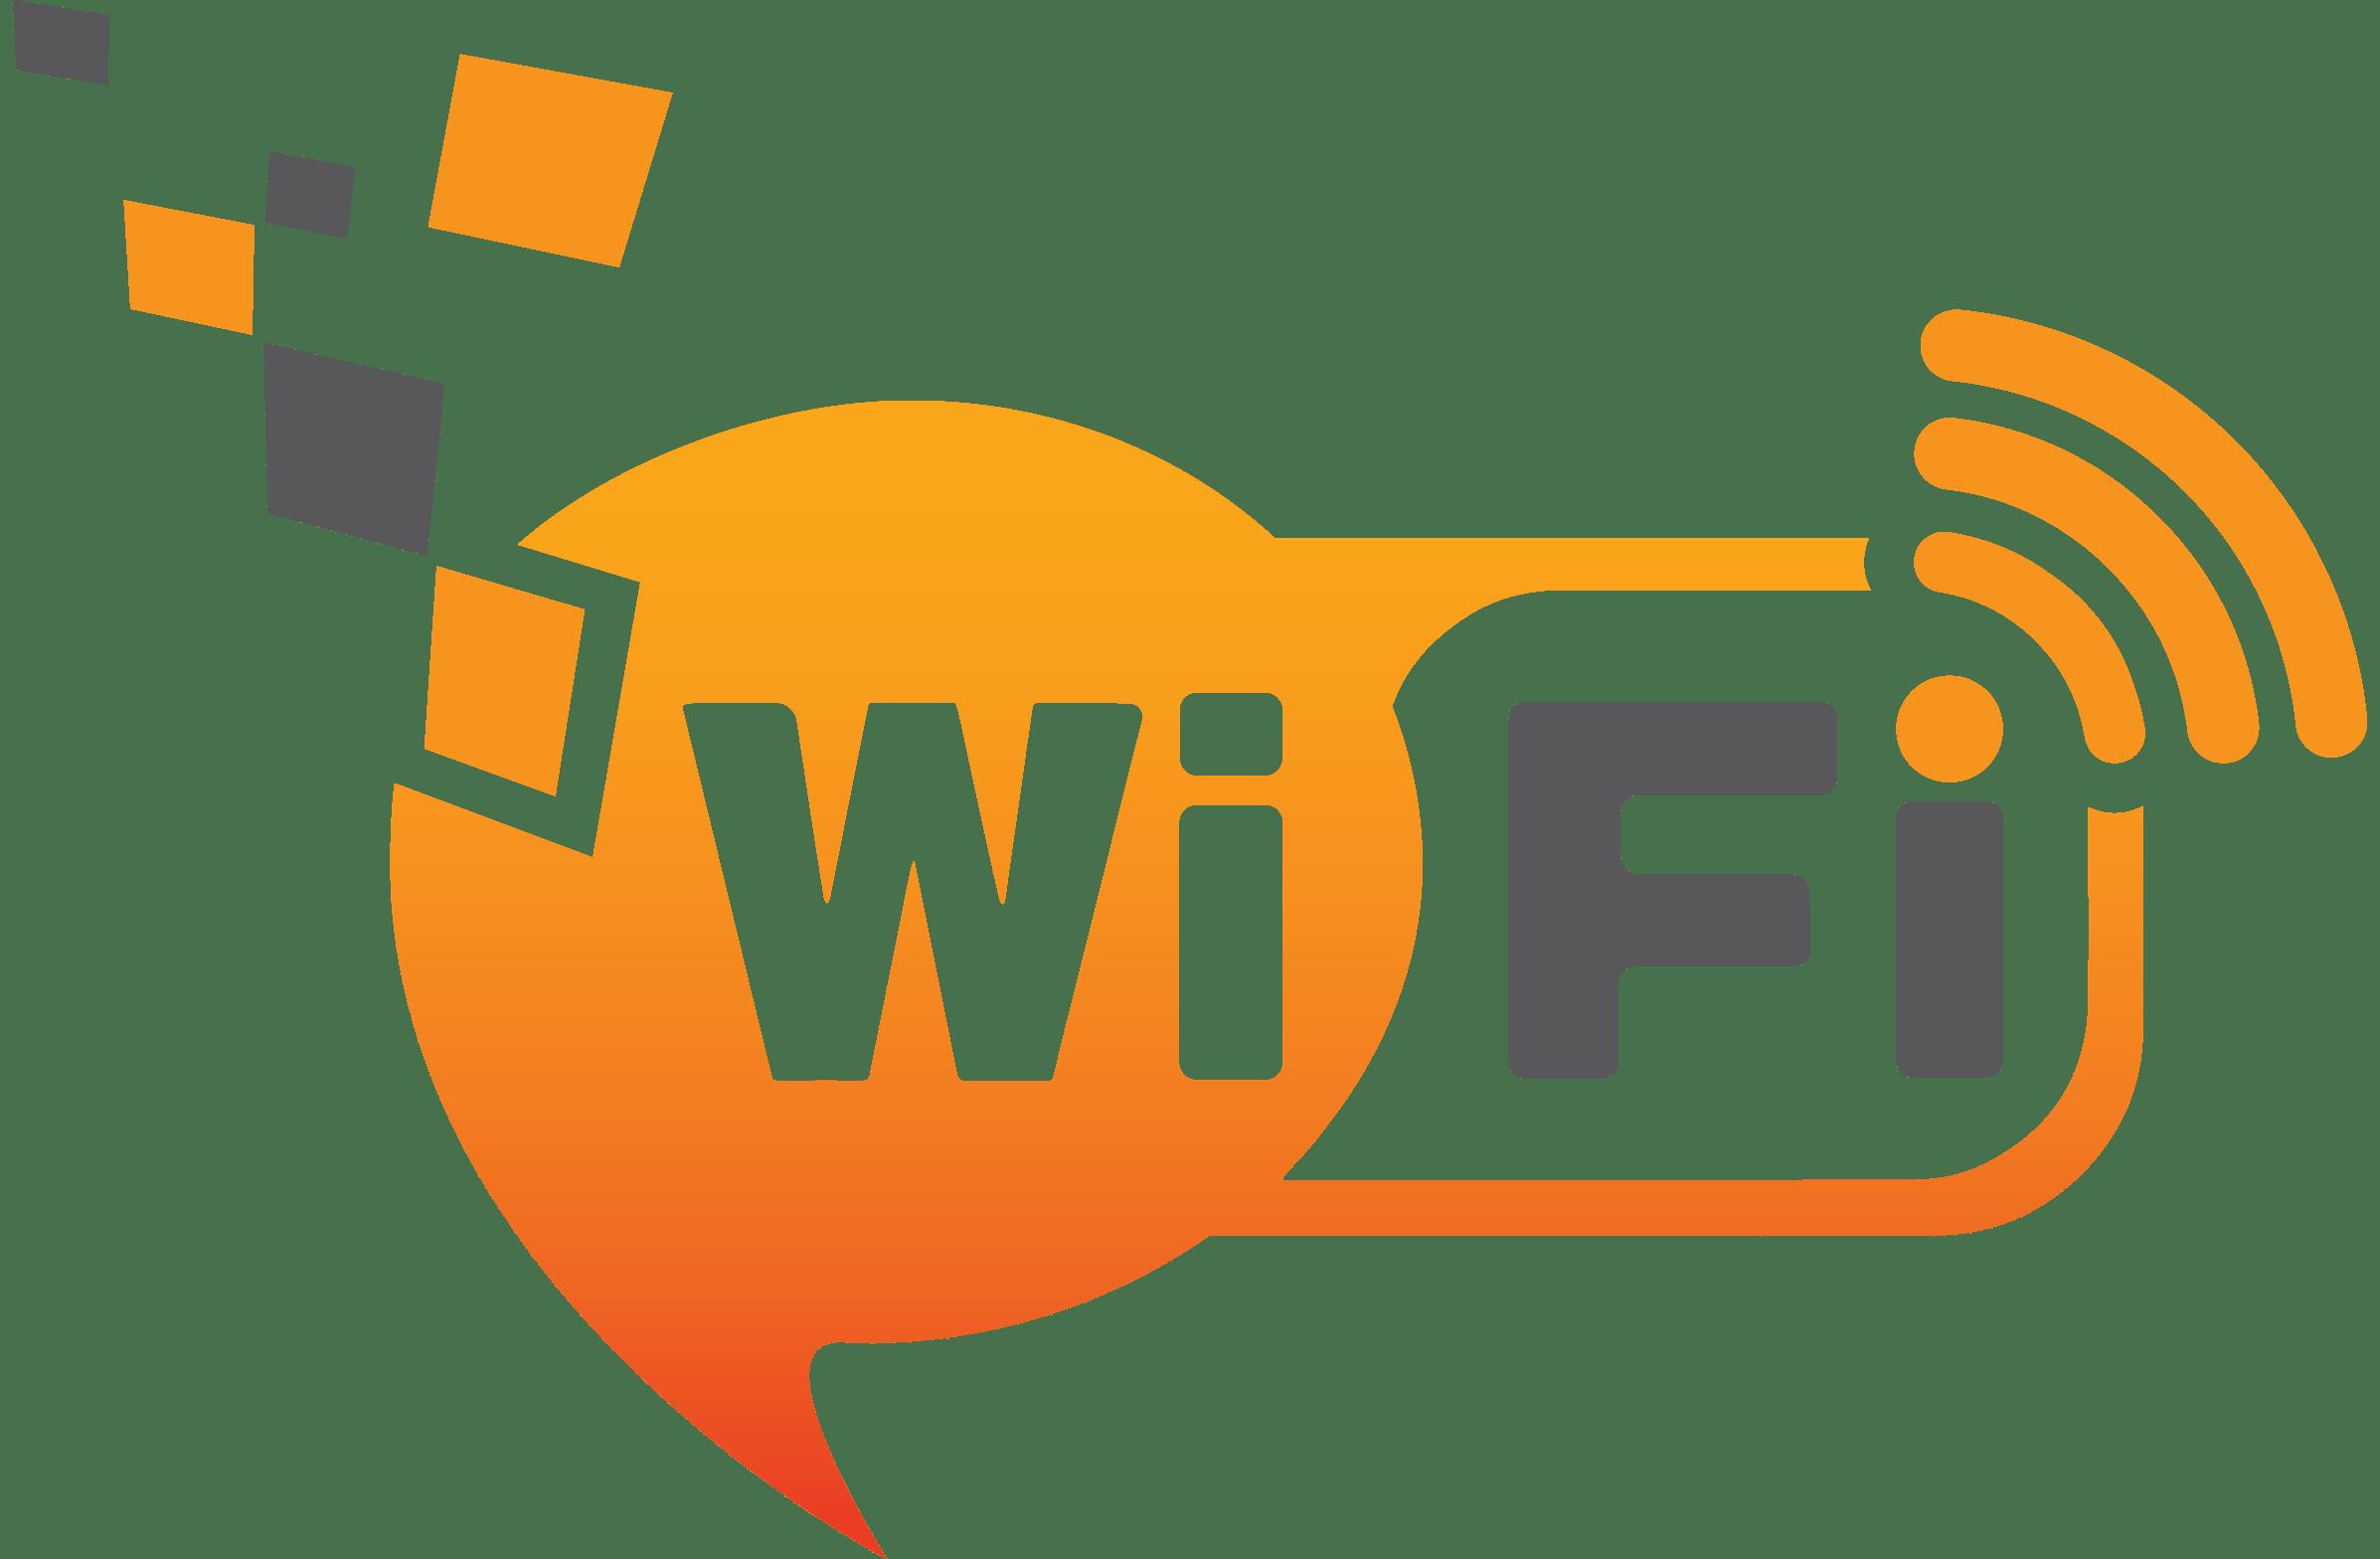 C mara vigilancia ip wifi con grabaci n queensboro - Camaras de vigilancia ip wifi ...